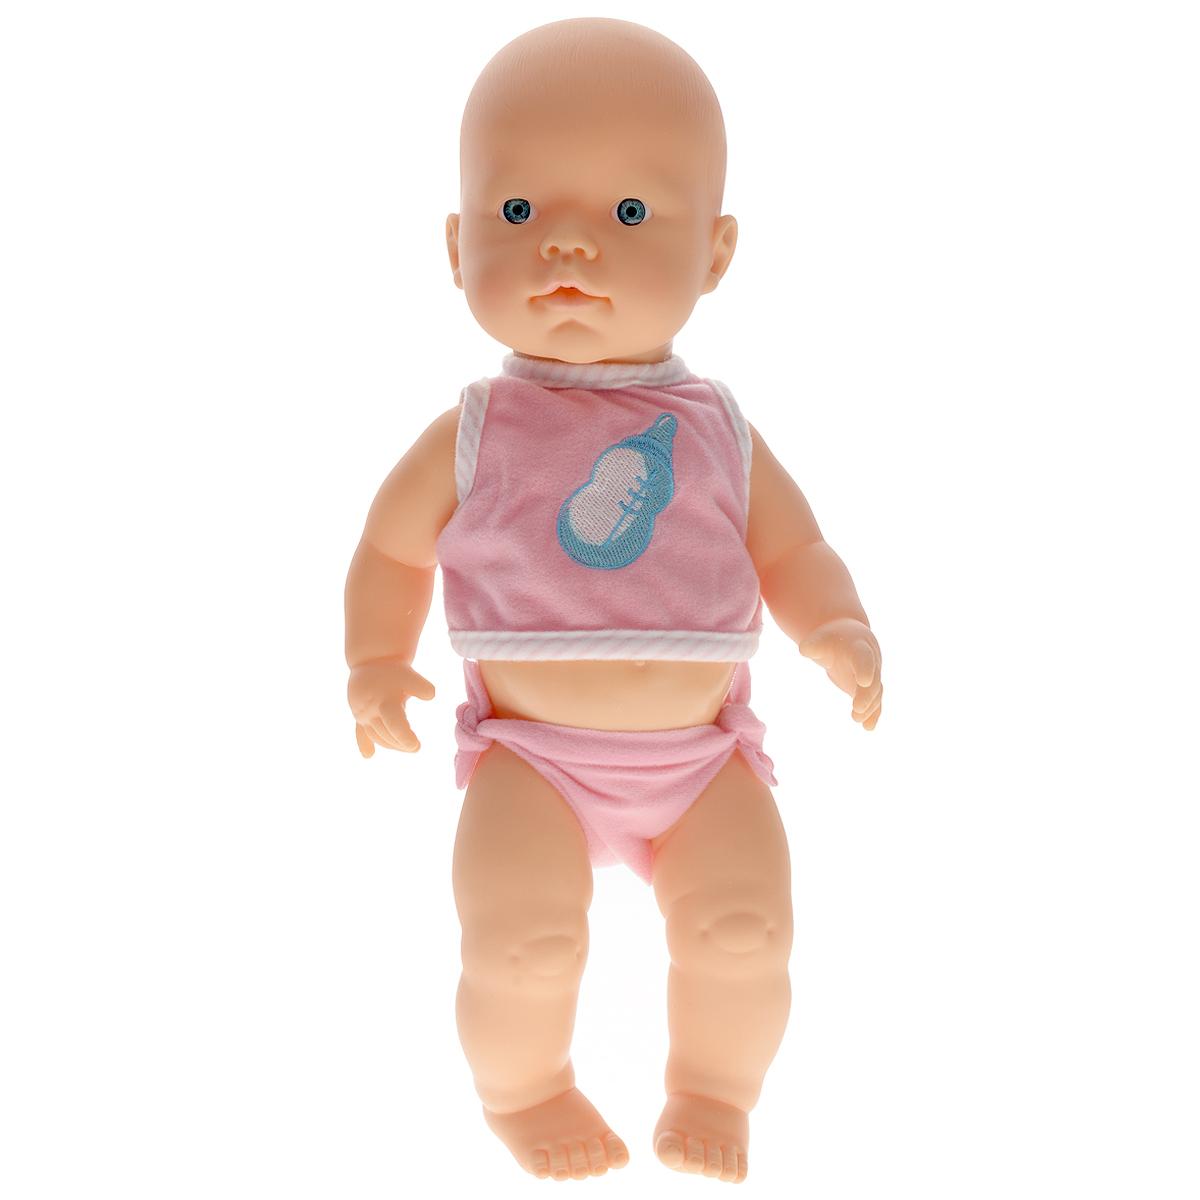 Кукла-пупс Falca Mon Bebe, с аксессуарами, цвет: розовый, 40 см40513Кукла-пупс Falca Mon Bebe порадует вашу малышку и доставит ей много удовольствия от часов, посвященных игре с ней. Кукла выглядит как настоящий малыш. Она одета в розовые футболку и трусики. В набор также входят бутылочка для кормления, стаканчик под бутылочку, чашечка с крышечкой, игрушка, поильник, тарелочка с отделениями для разной еды, ложка и вилка. Кукла не только пьёт водичку, но и писает на горшок, чем еще более похожа на настоящего ребёнка. После кормления и туалета пупса можно искупать, переодеть и дать игрушку. Игра с куклой разовьет в вашей малышке чувство ответственности и заботы. Порадуйте свою принцессу таким великолепным подарком!